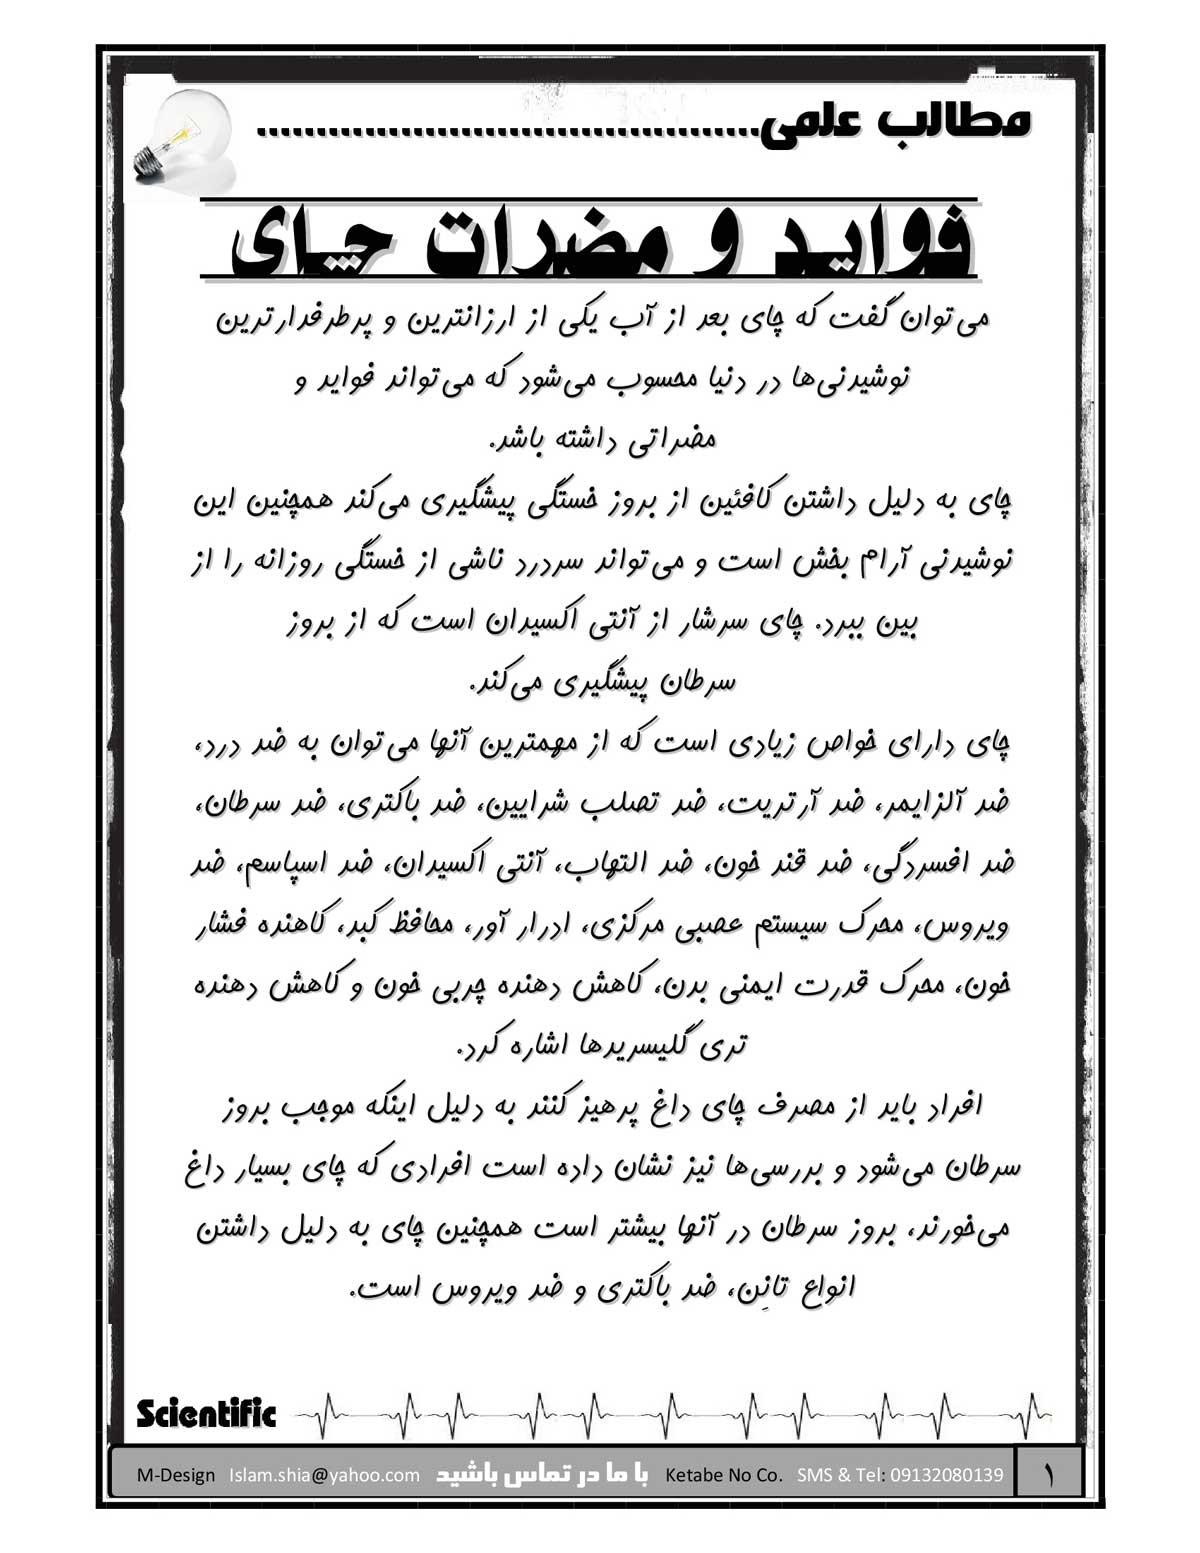 مطالب علمی بردهای فرهنگی مسعود مردیها